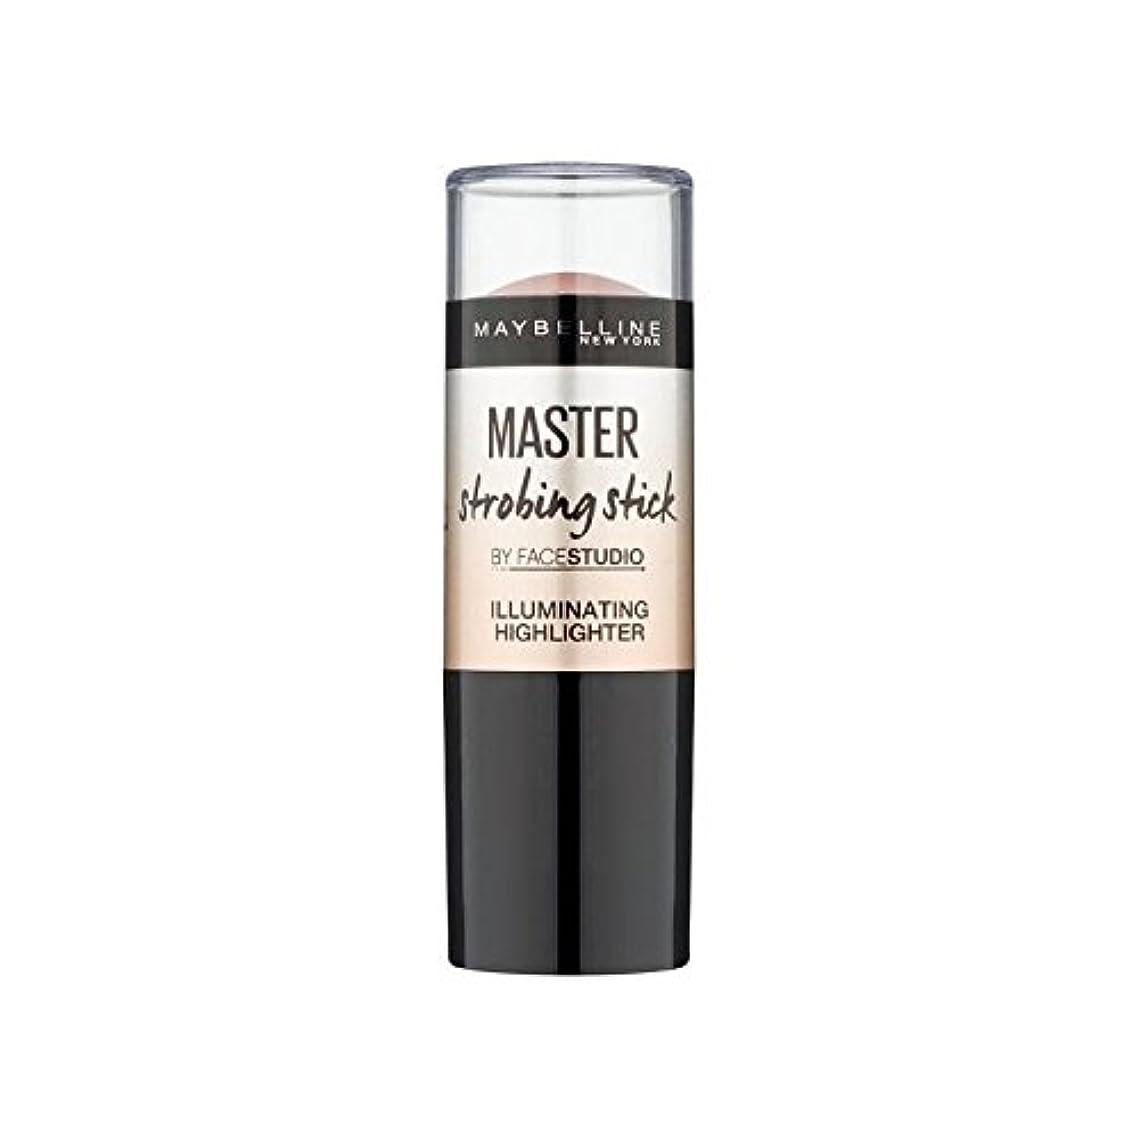 蒸困惑した納屋メイベリンマスターストロボスティックライト x2 - Maybelline Master Strobing Stick Light (Pack of 2) [並行輸入品]